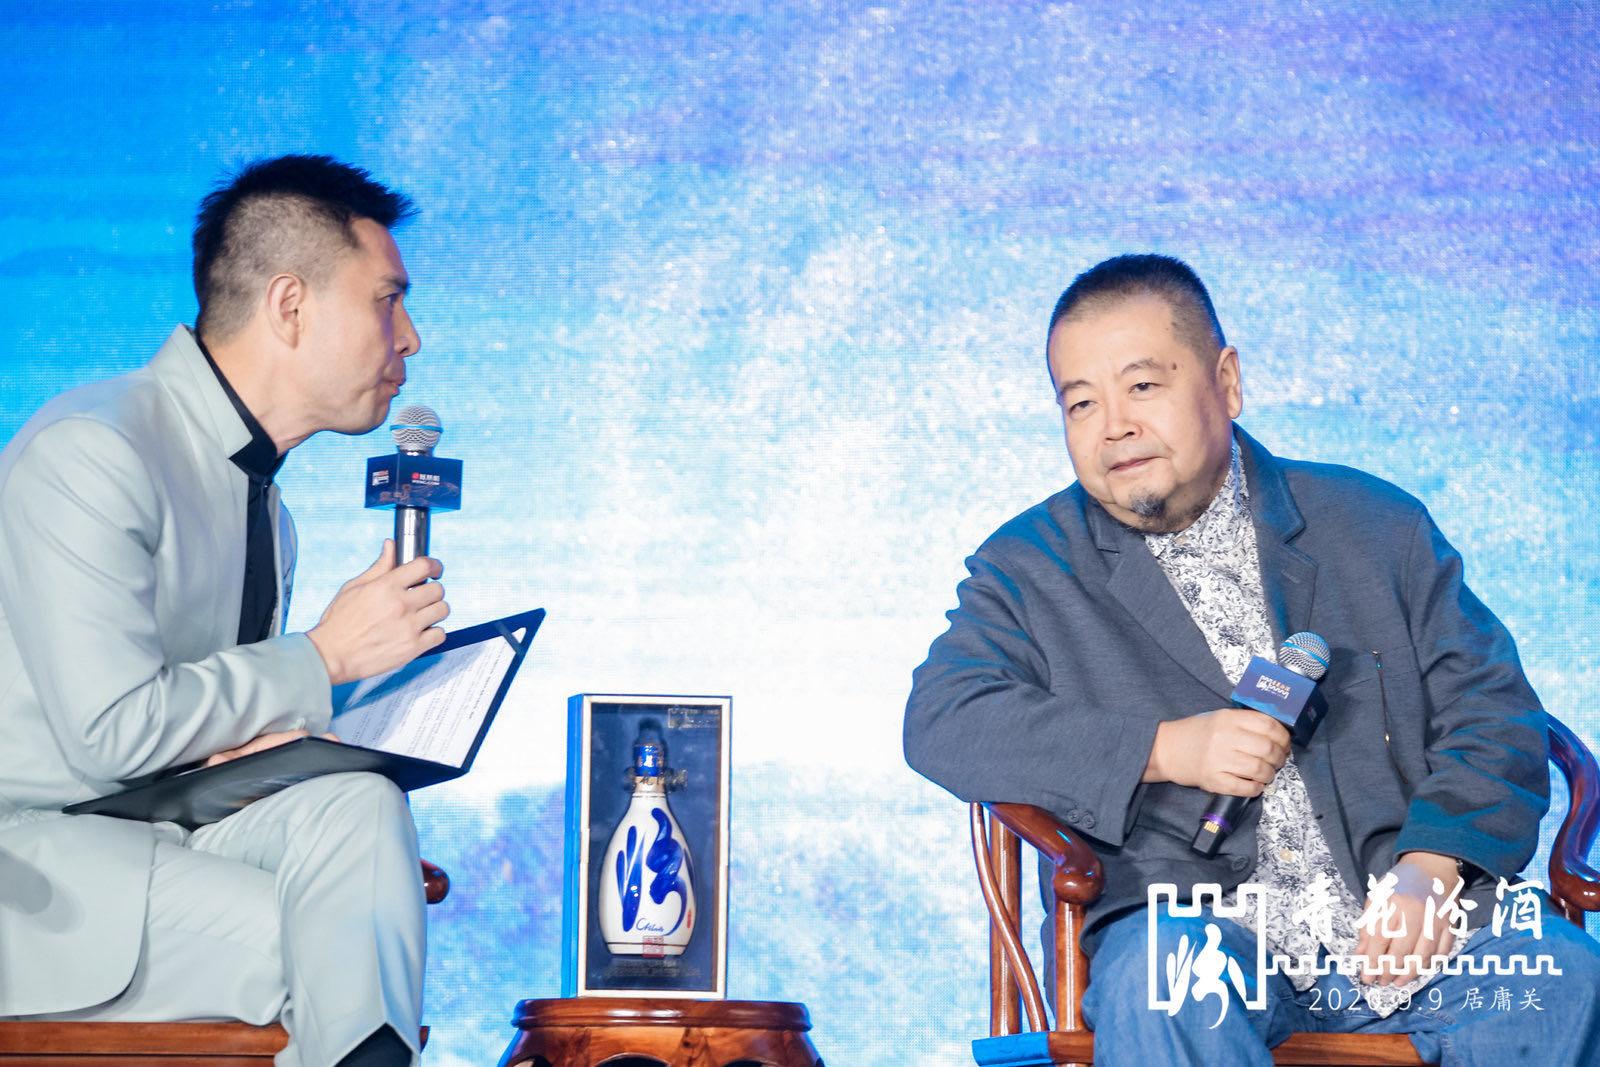 沈宏非:青花汾酒30·复兴版已成为生活方式的一部分